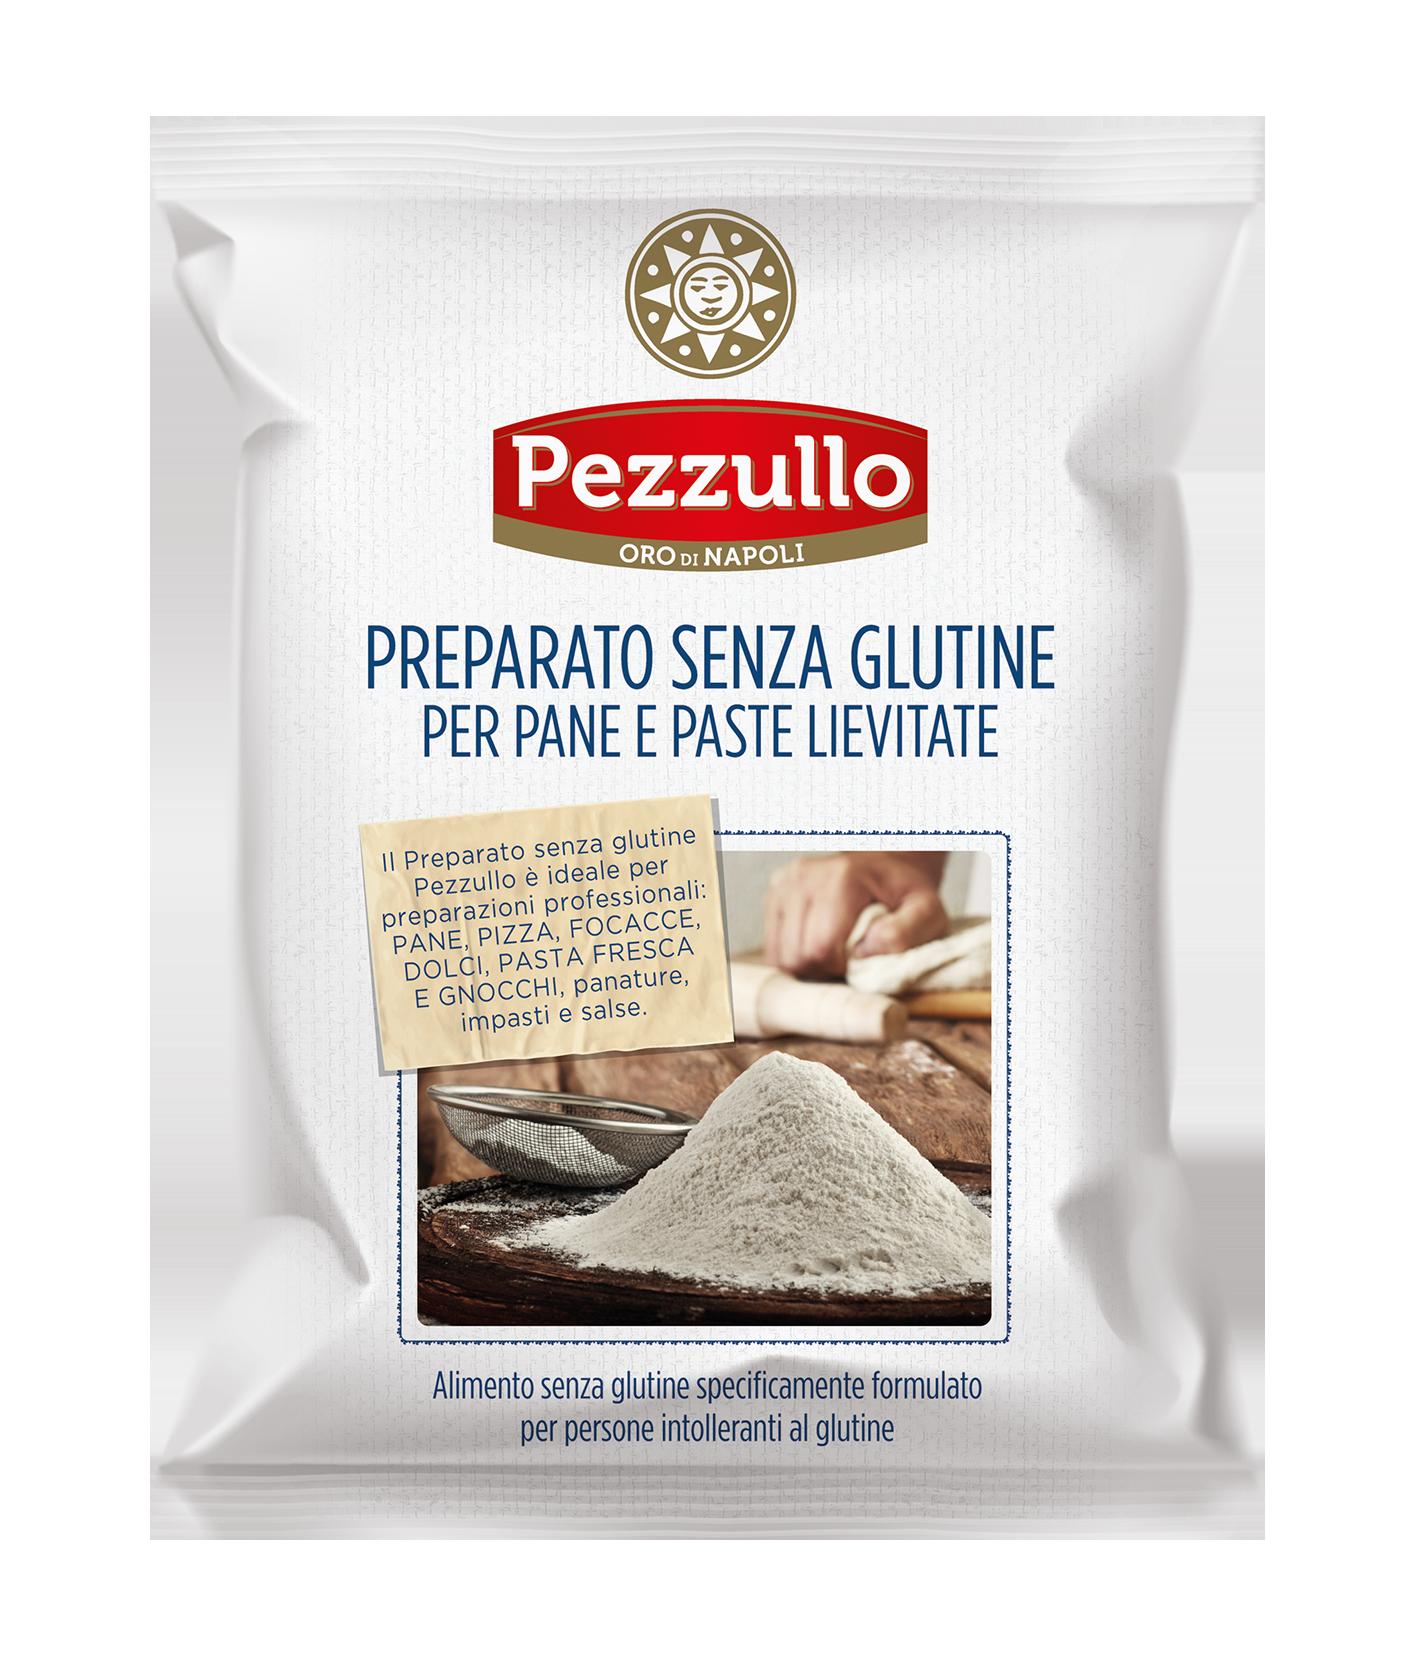 Preparato senza glutine per pane e paste lievitate